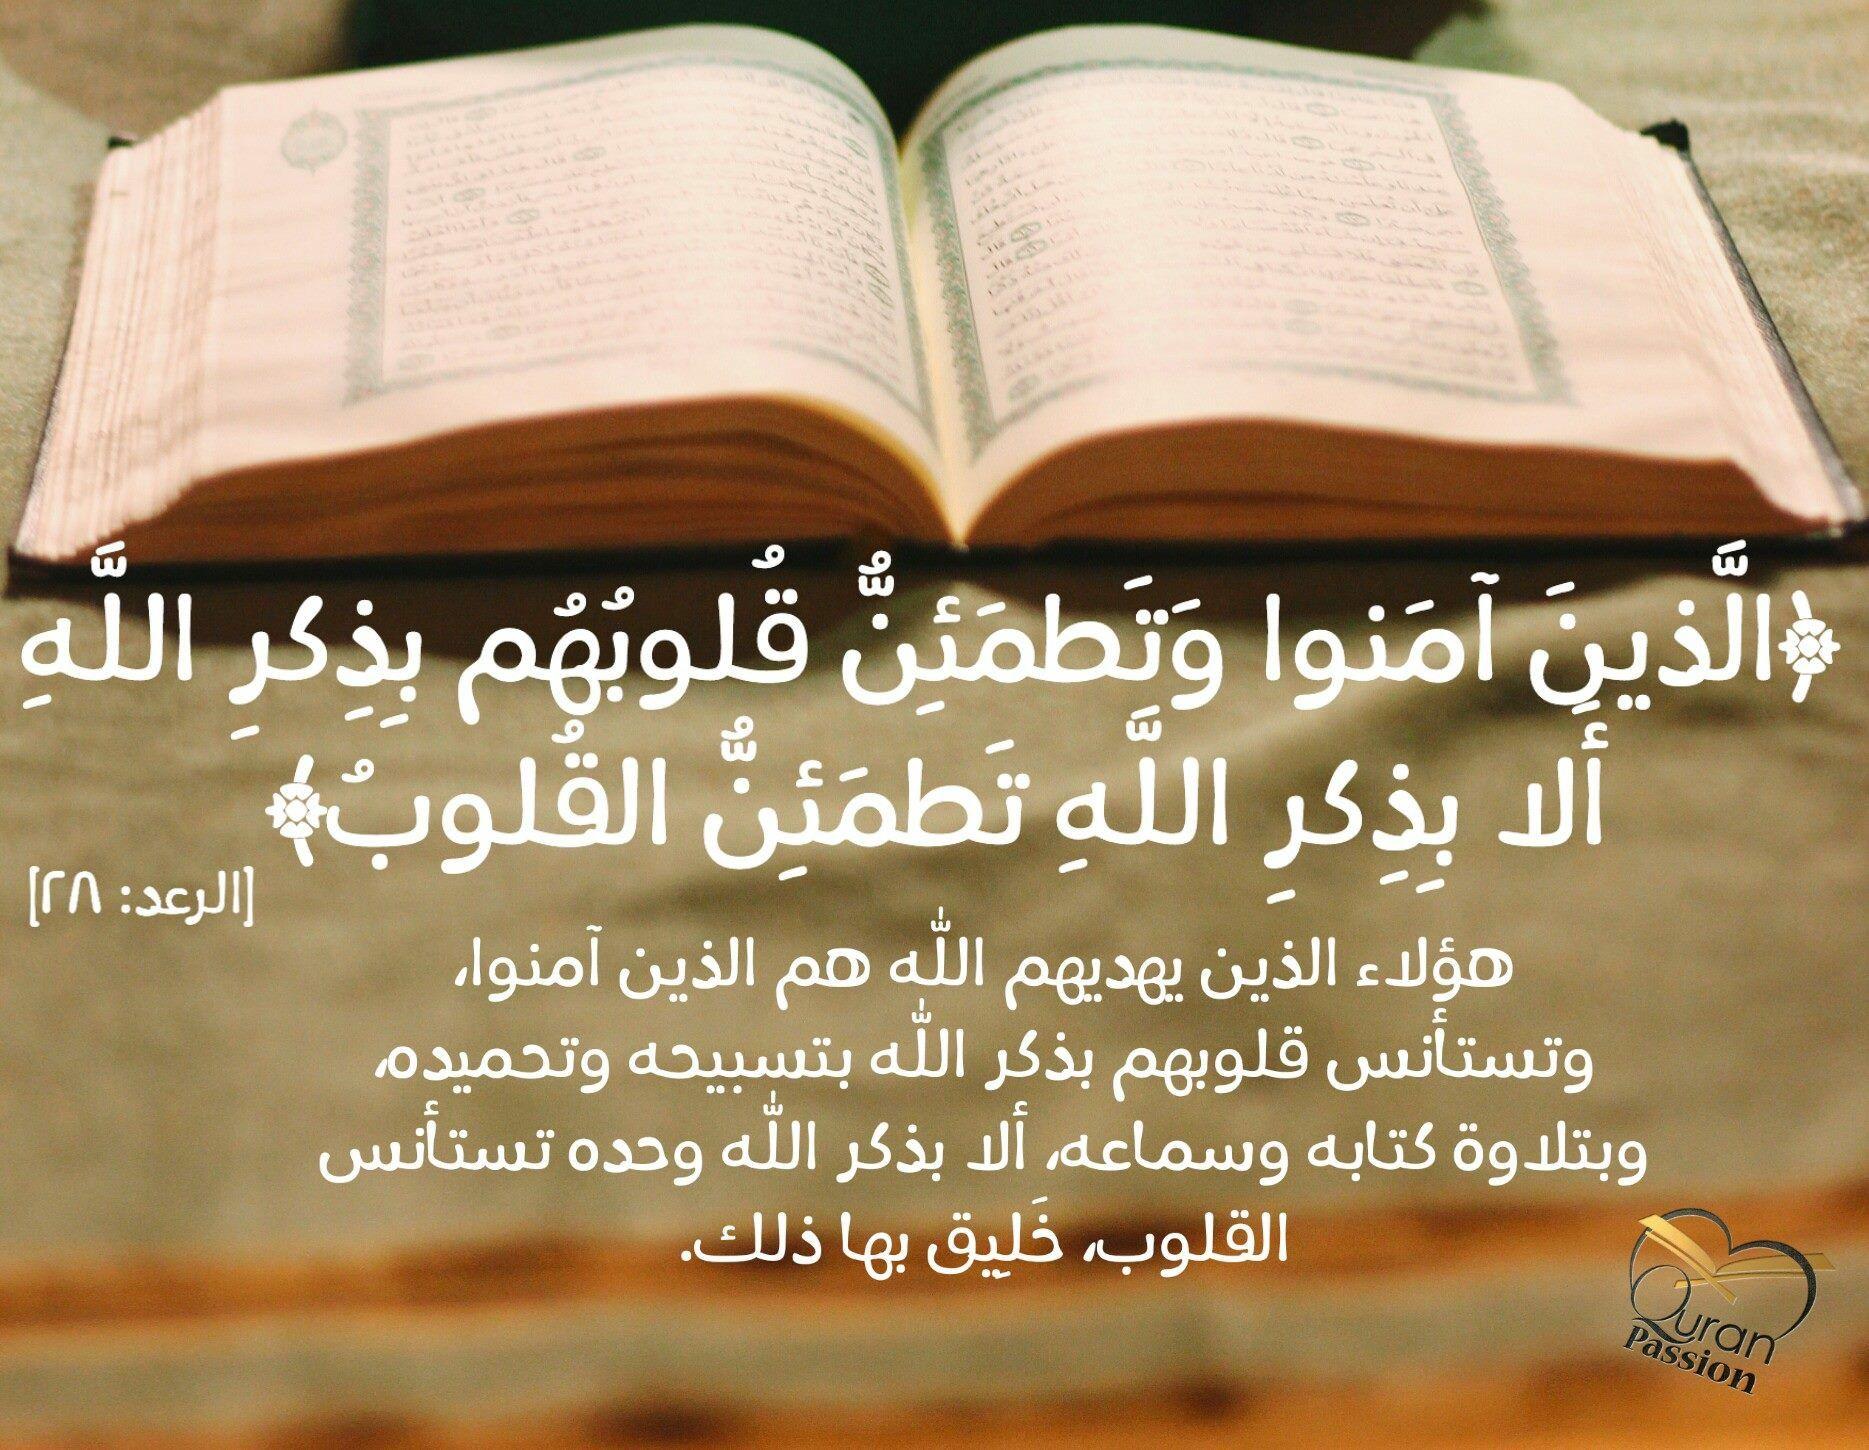 هؤلاء الذين يهديهم الله عاشق للقرآن احد معجبين صفحتنا Quran Passion Personalized Items